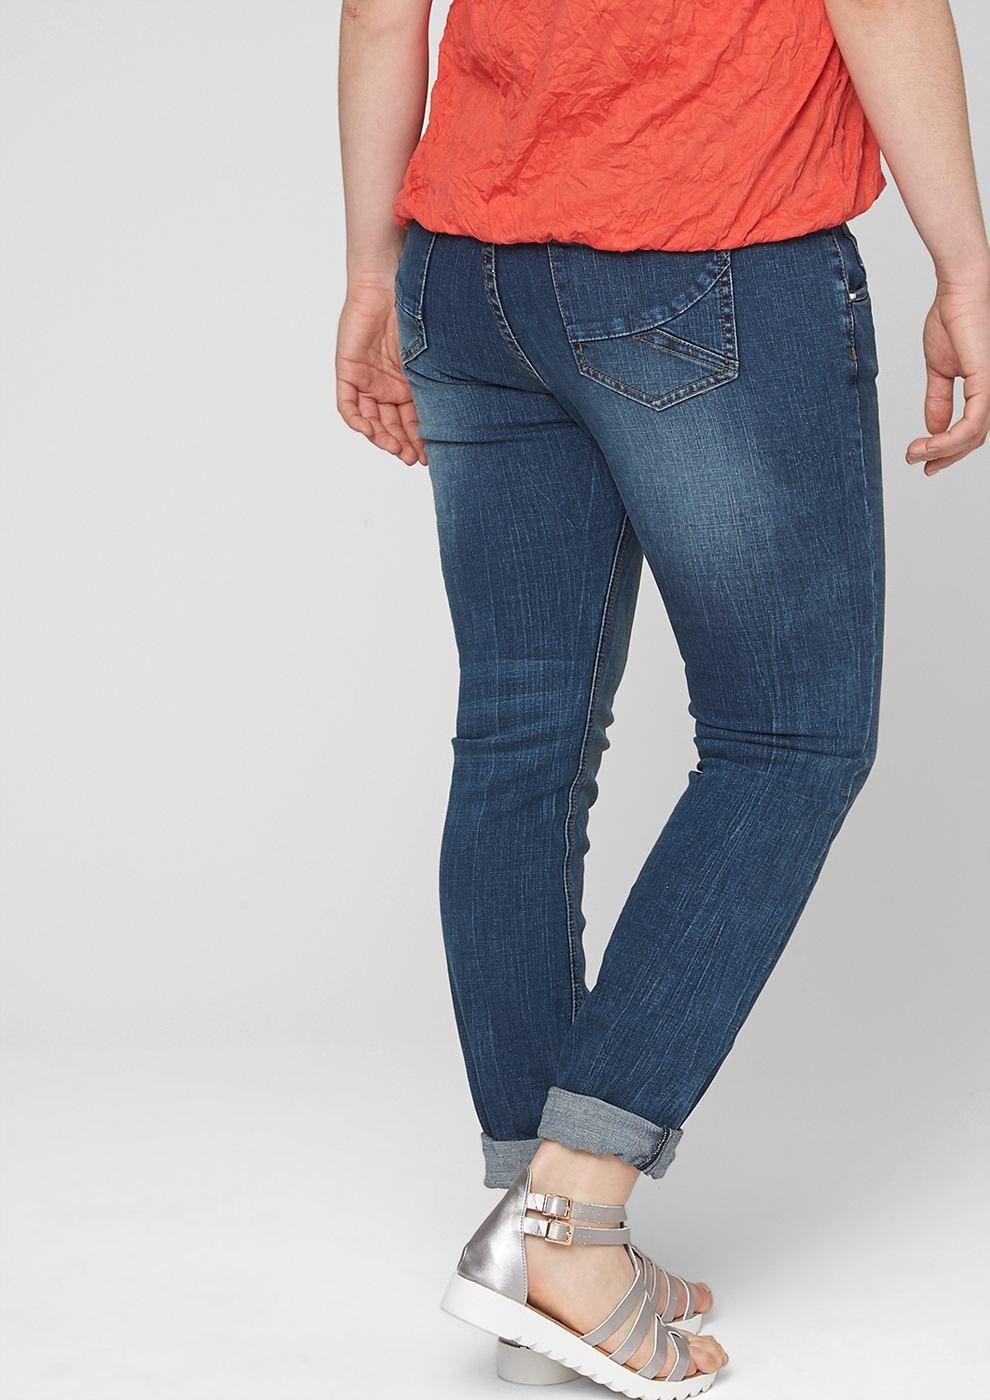 Stretch-Jeans mit leichter Waschung und Sitzfalten-Effekten teilweise verdeckte Knopfleiste vorn beliebter 5-Pocket-Style figurbetonte Passform Gerade mit leicht vertieftem Bund und schmalem Bein für eine normale Hüfte, einen flachen Po und normale Oberschenkel elastische Qualität aus Baumwollstretch Die sichtbare Knopfleiste sorgt für einen trendigen Look.   Materialzusammensetzung:Obermateri...